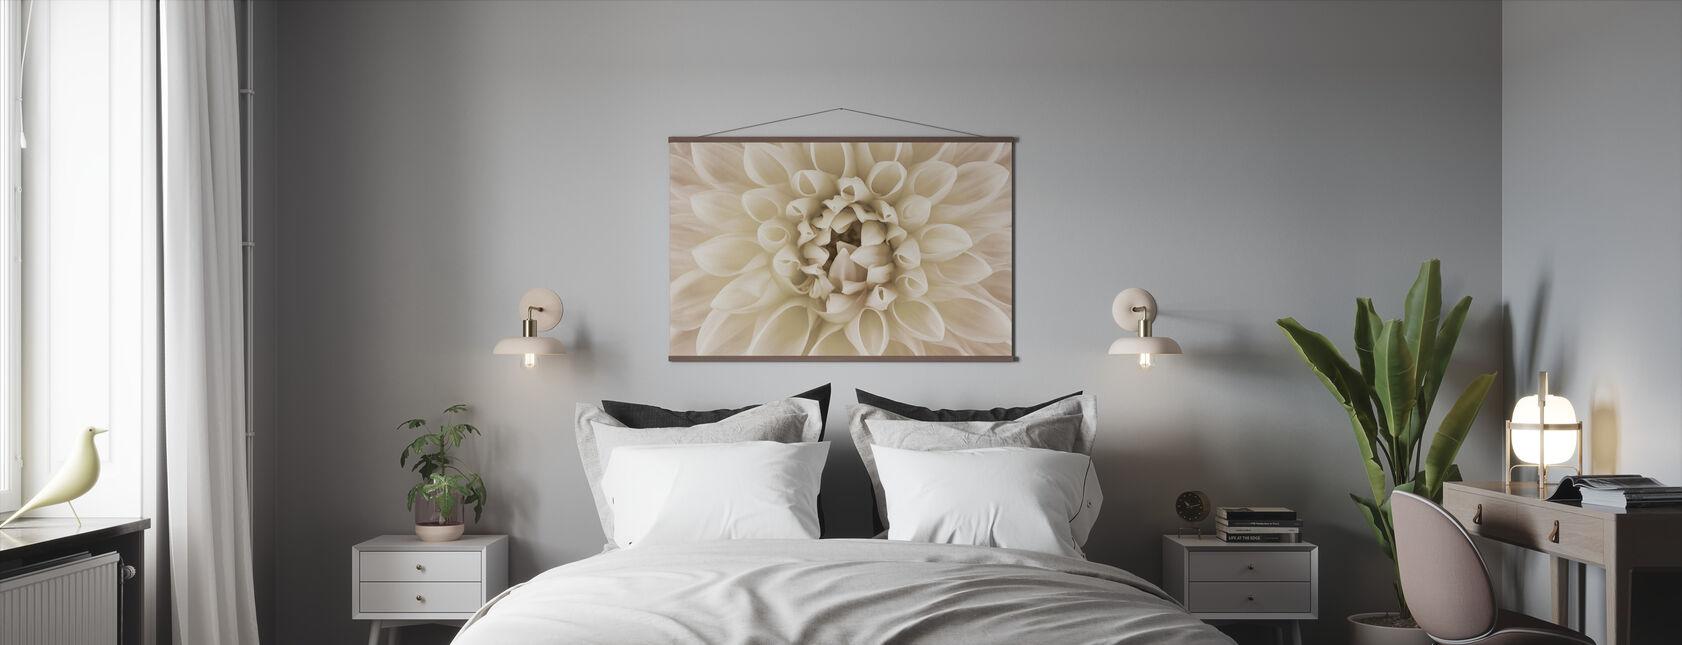 Weiße Dahlia - Poster - Schlafzimmer